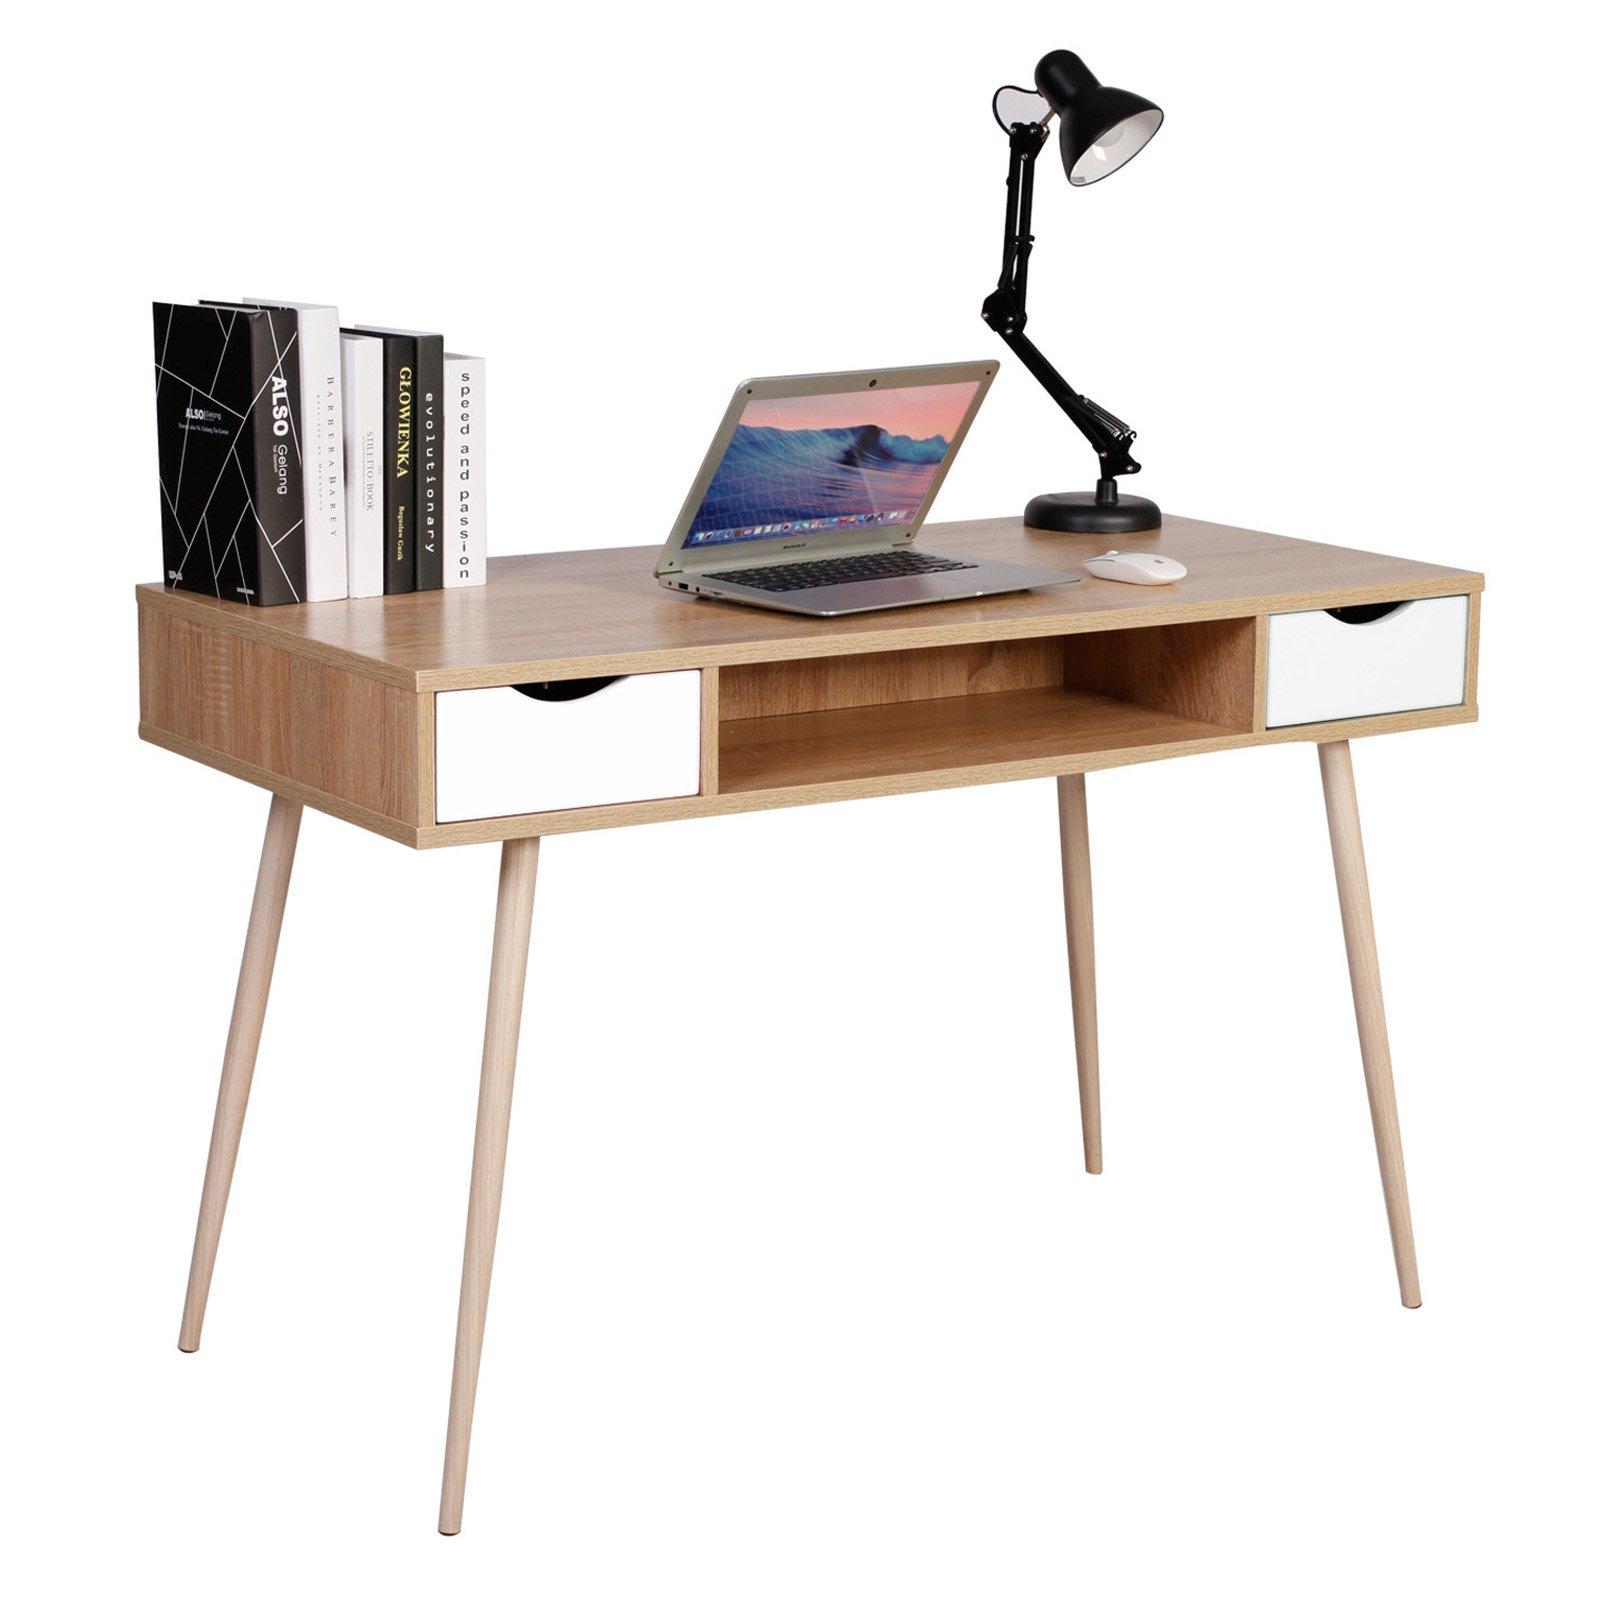 WOLTU® TSG19hei Bureau d'ordinateur Table de Bureau en métal et Bois,Table de Travail PC Table avec 2 tiroirs et 1 Compartiment Ouvert 120x58x77cm (LxPxH),Chêne product image